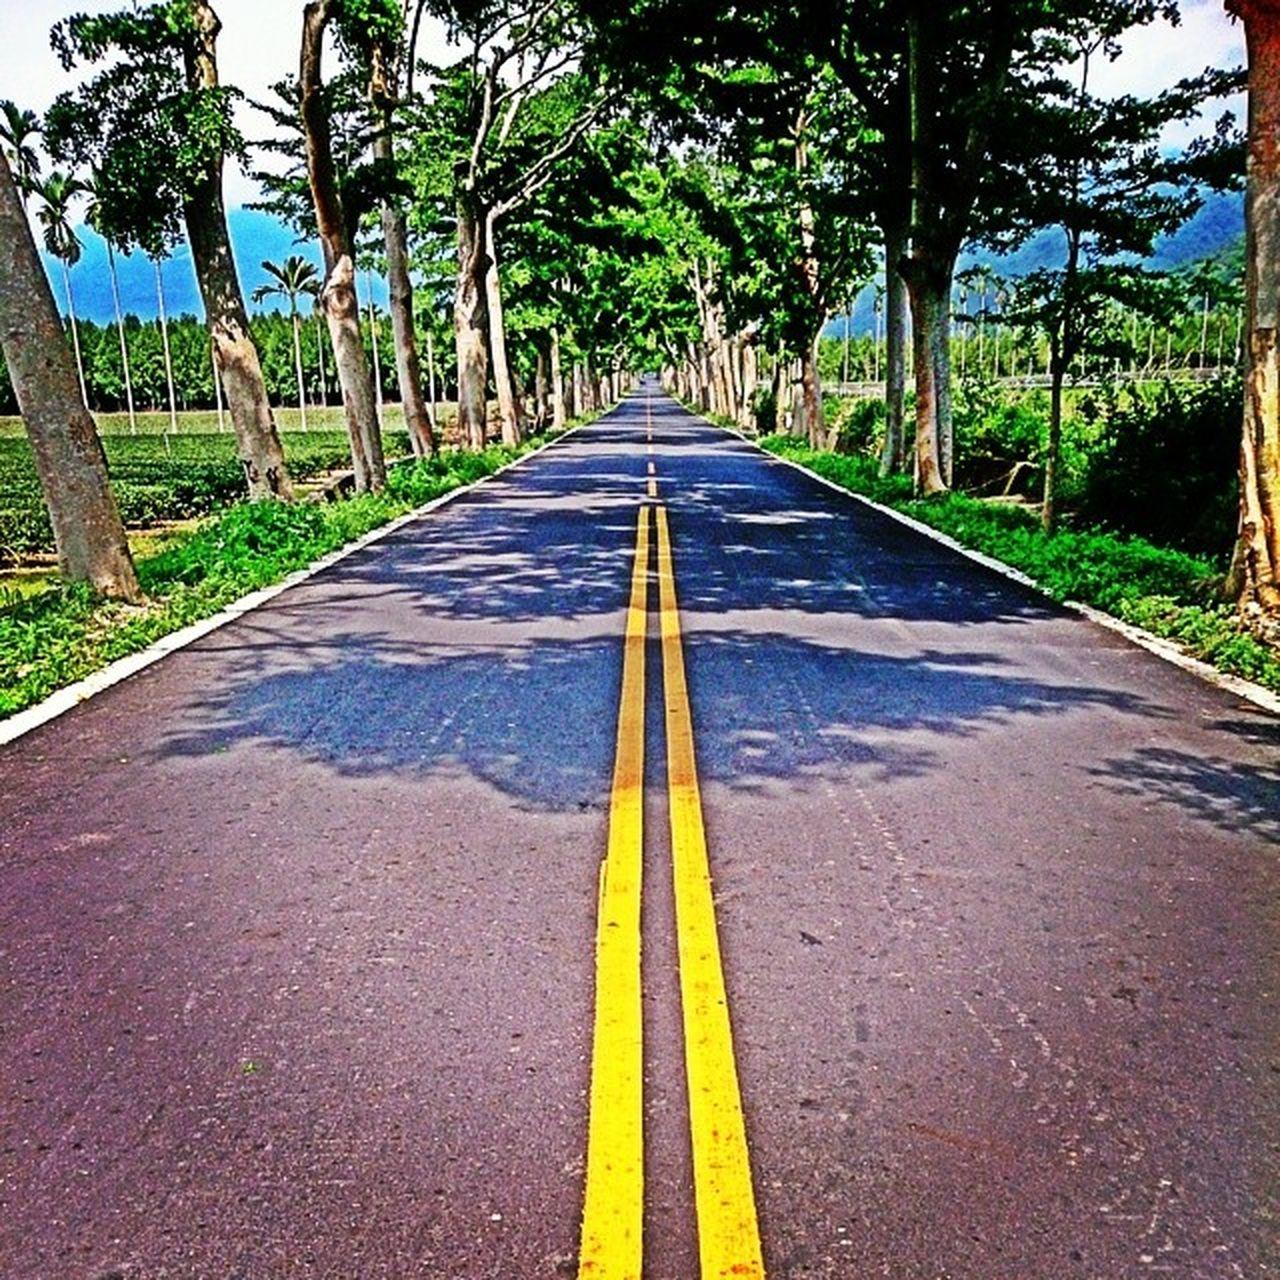 這兩天商管營其實滿好玩的 今天到鹿野龍田 雖然從小就在這長大 但感覺很不一樣 感到驕傲因為風景很美 感到開心因為更進步了 希望這片土地會更好 總之今天很開薰:-) 戶外活動 郊遊 鹿野 龍田 林旺製茶 風景 綠色隧道 綠意 商管營 故鄉 Village Landscape Taiwan Taitung Trees Road Sky Tea Fruit Yummy Beautiful Summer Sunshine Tuesday My Year My View